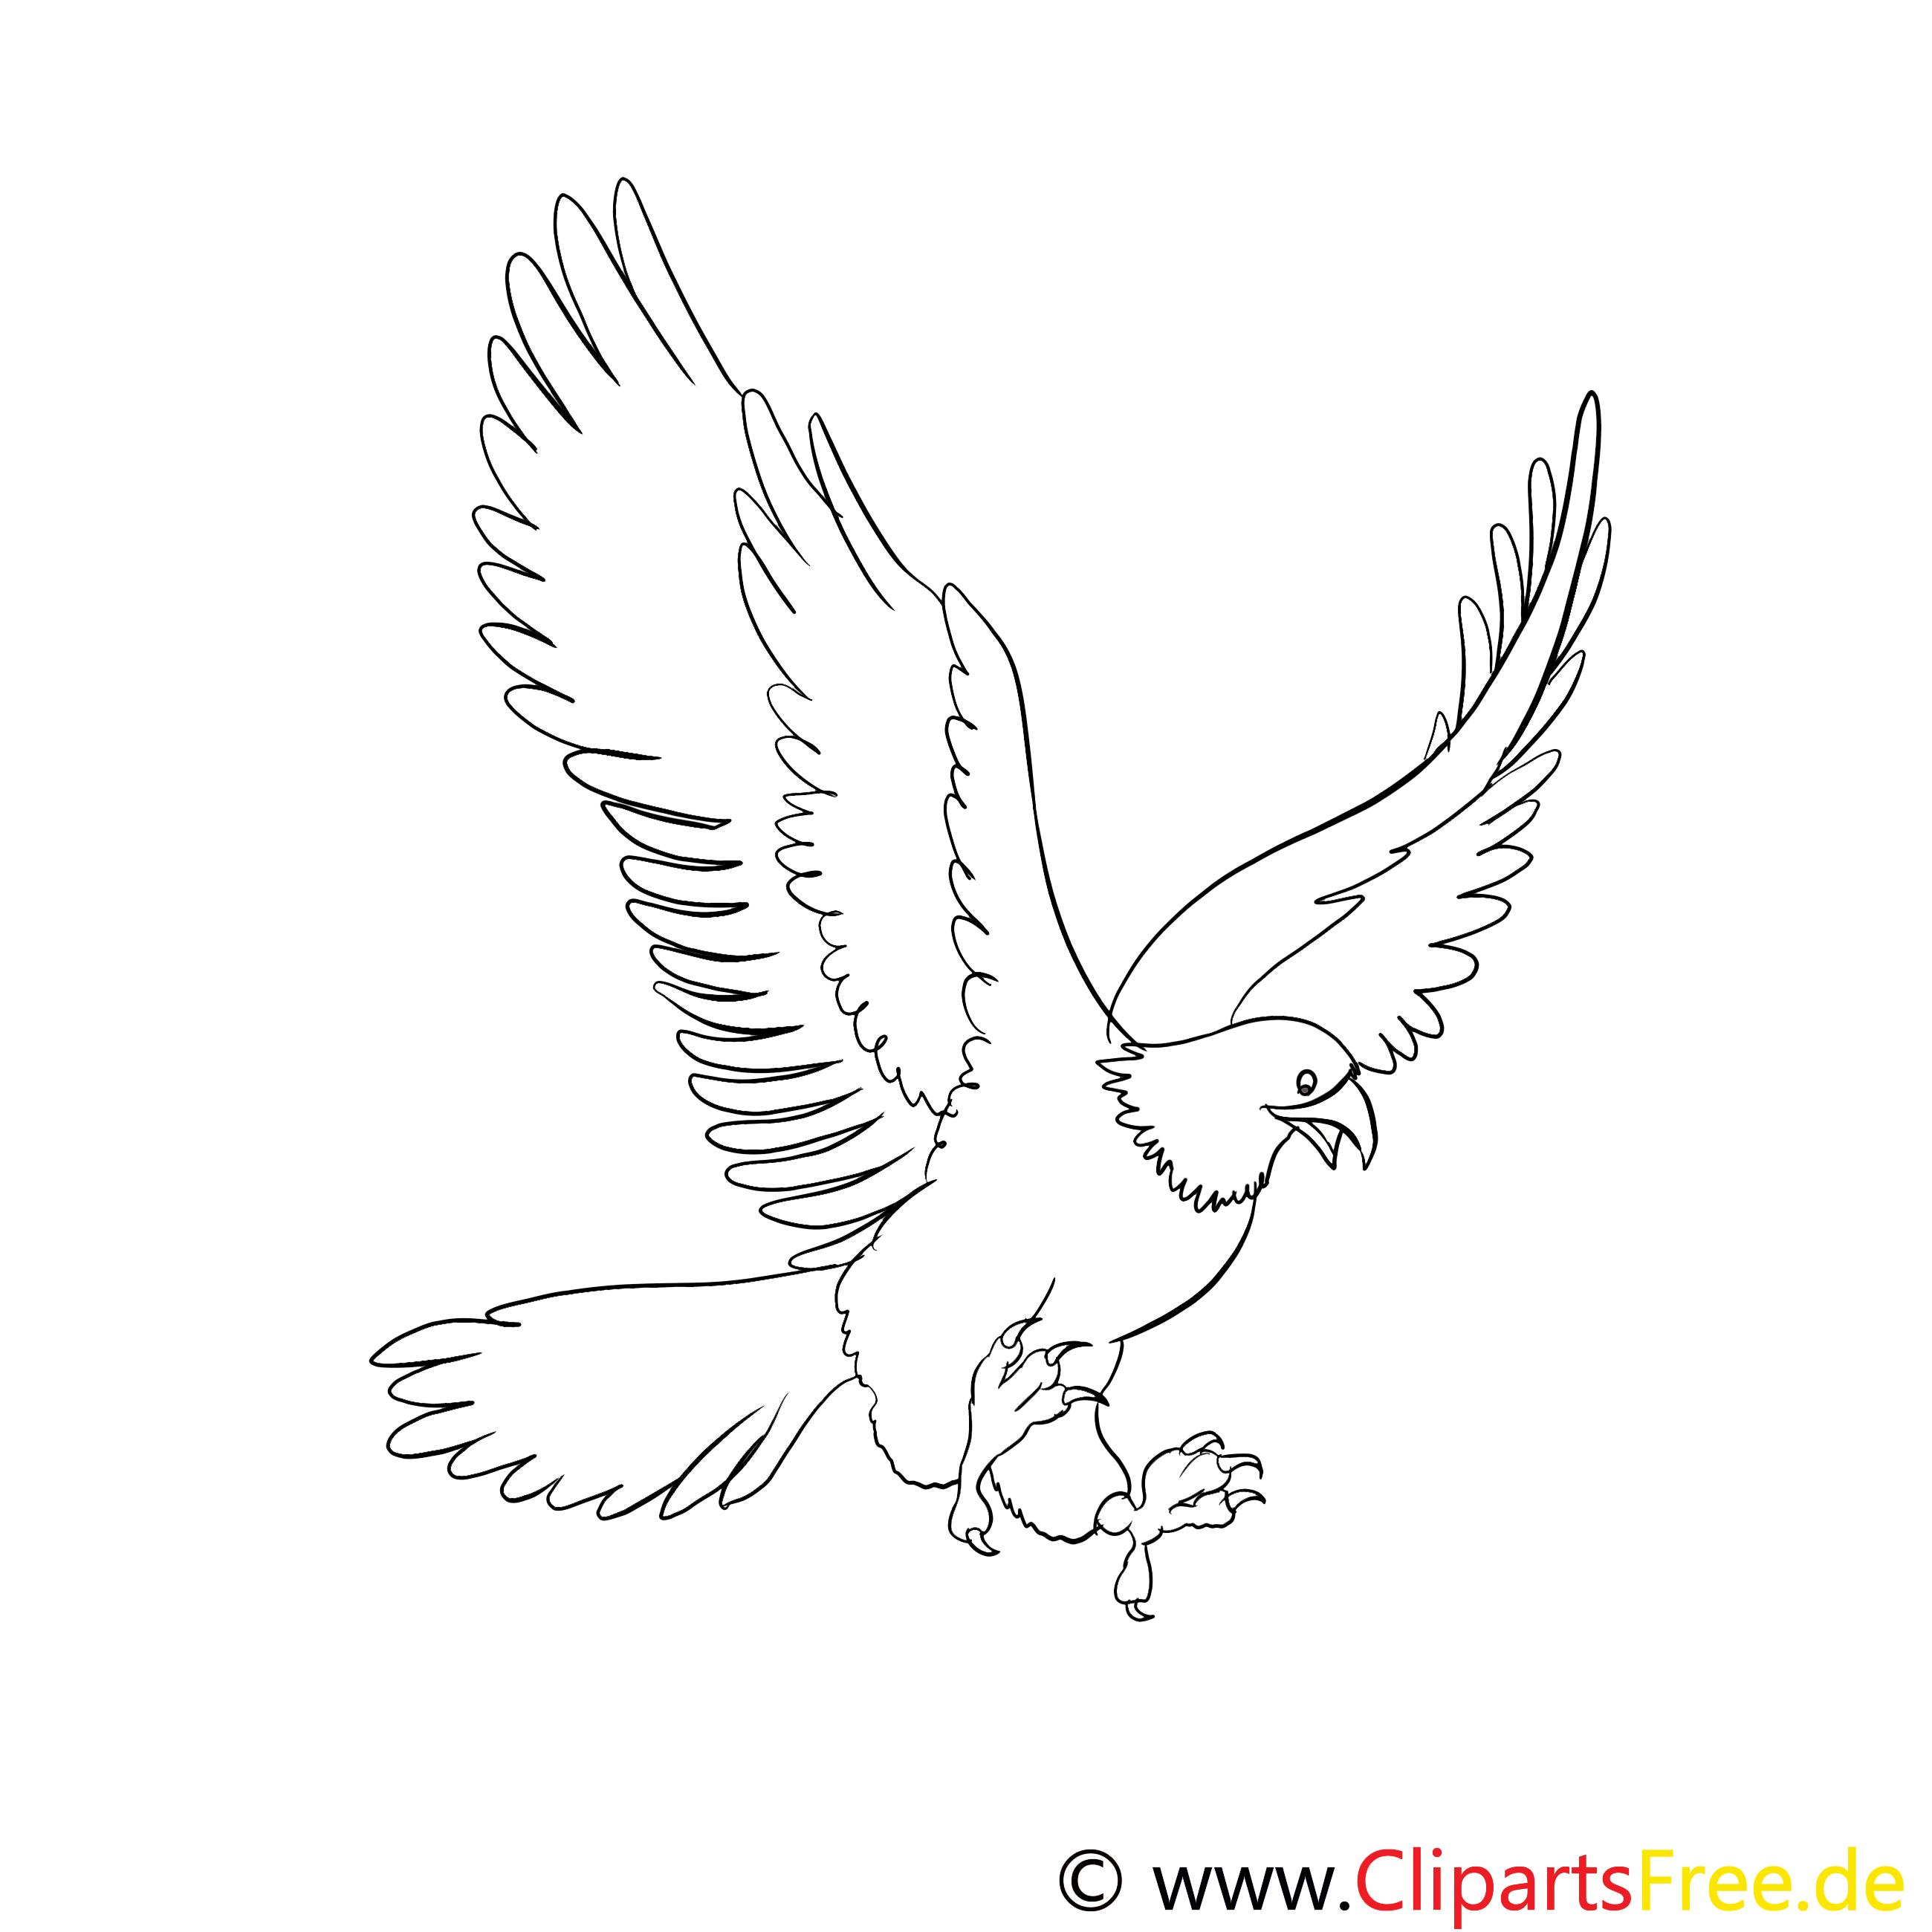 Malvorlagen Für Kinder: Adler Ausmalbilder Für Kinder Gratis